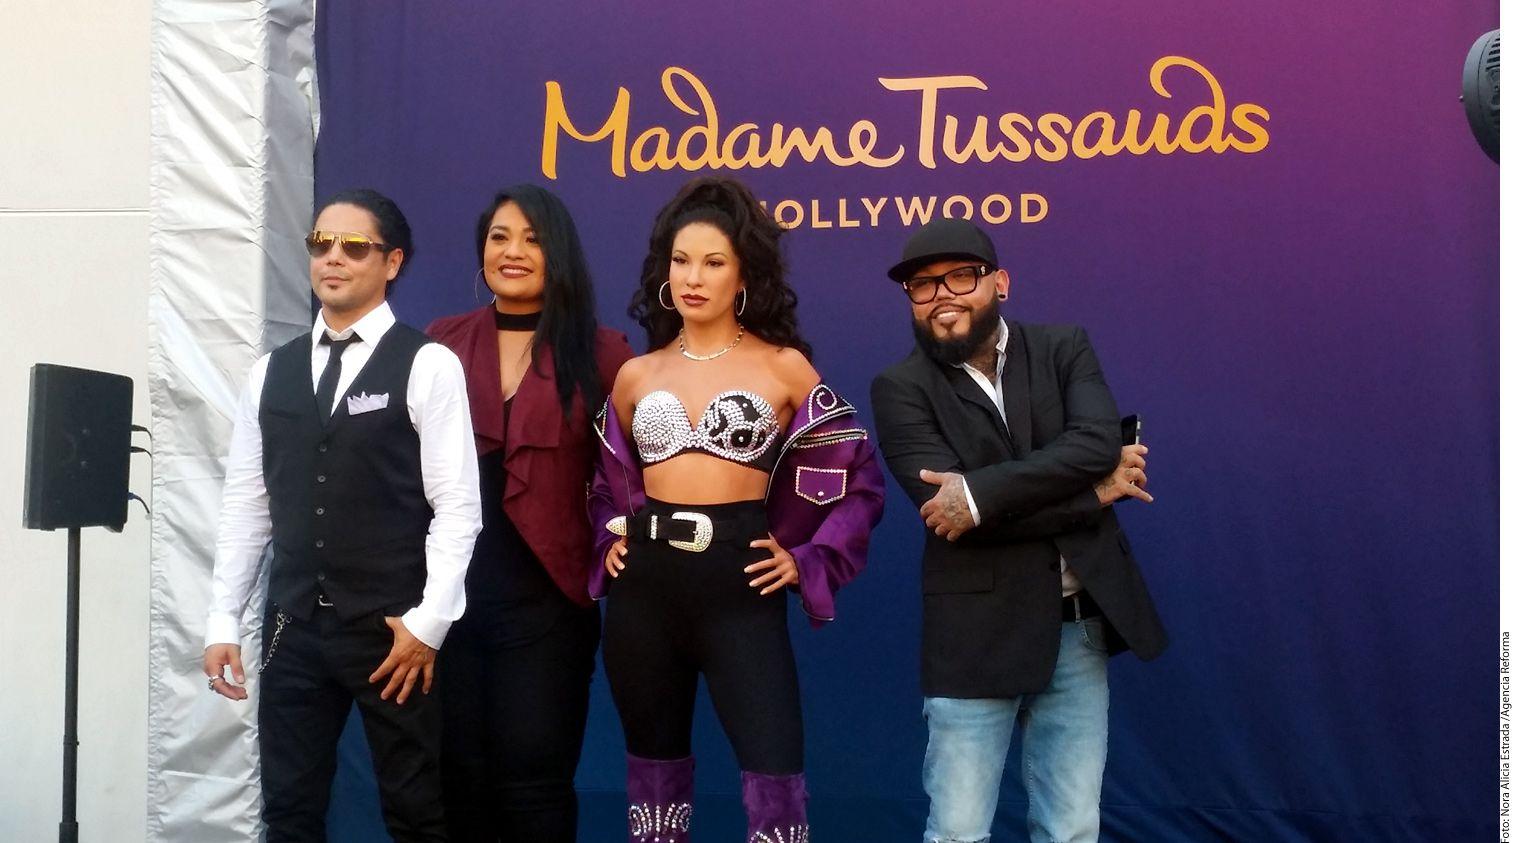 Chris Pérez (izq.), viudo de Selena, y sus hermanos Suzette (centro, izq.) y A.B. Quintanilla (der.) asistieron a la develación de la estatua en el Museo Madame Tussauds Hollywood.